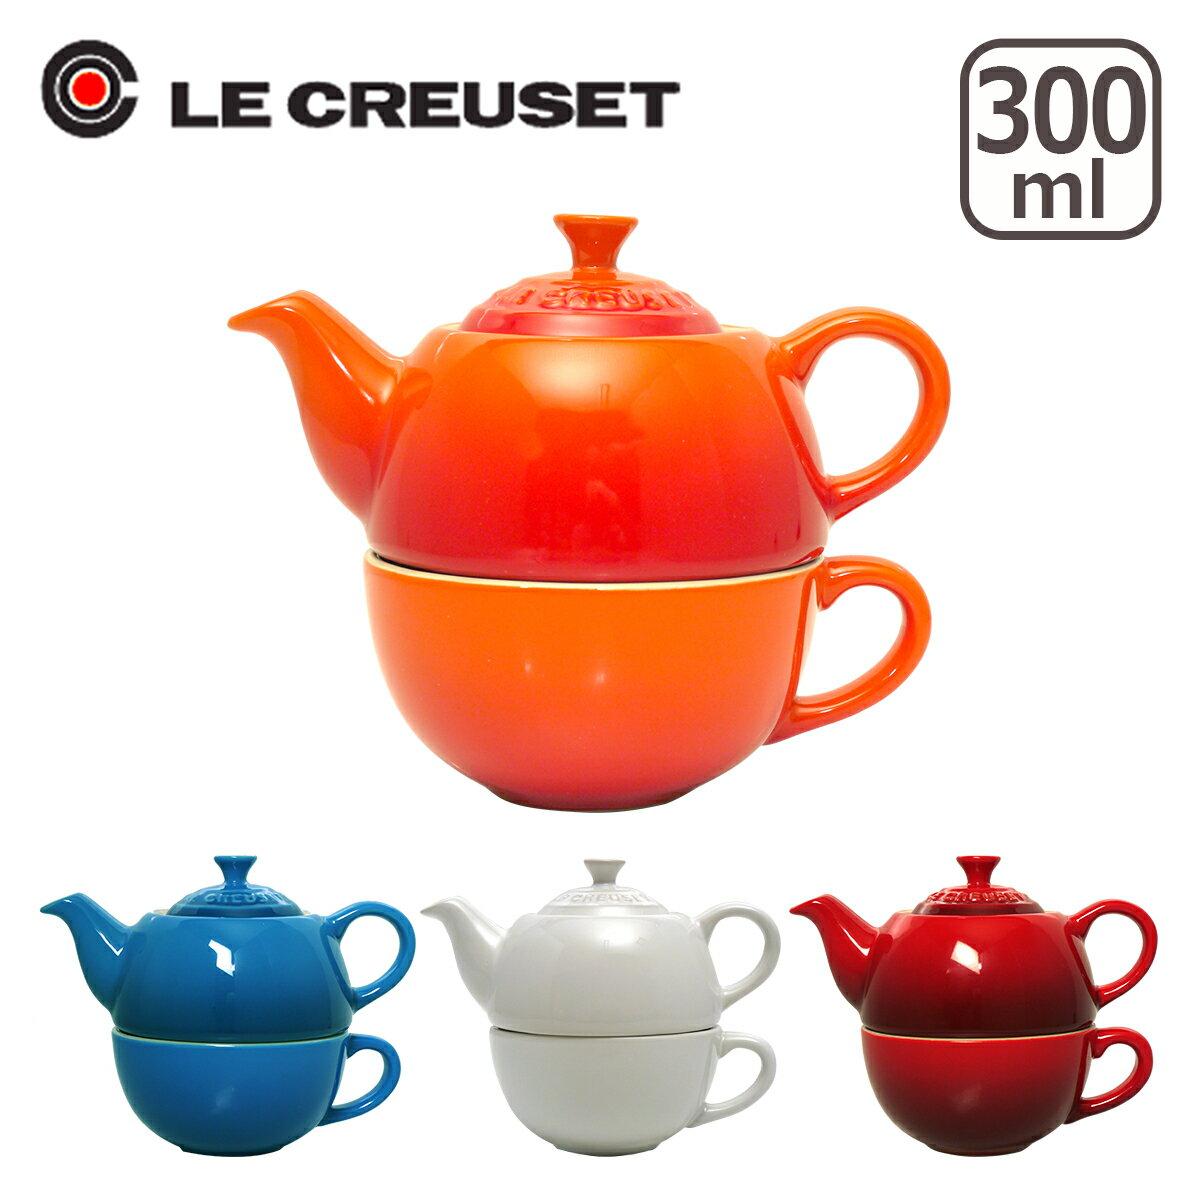 ルクルーゼ (ル・クルーゼ) ティーポット&カップ セット(ティーフォーワン) オレンジ・レッド等他カラー♪ Le Creuset